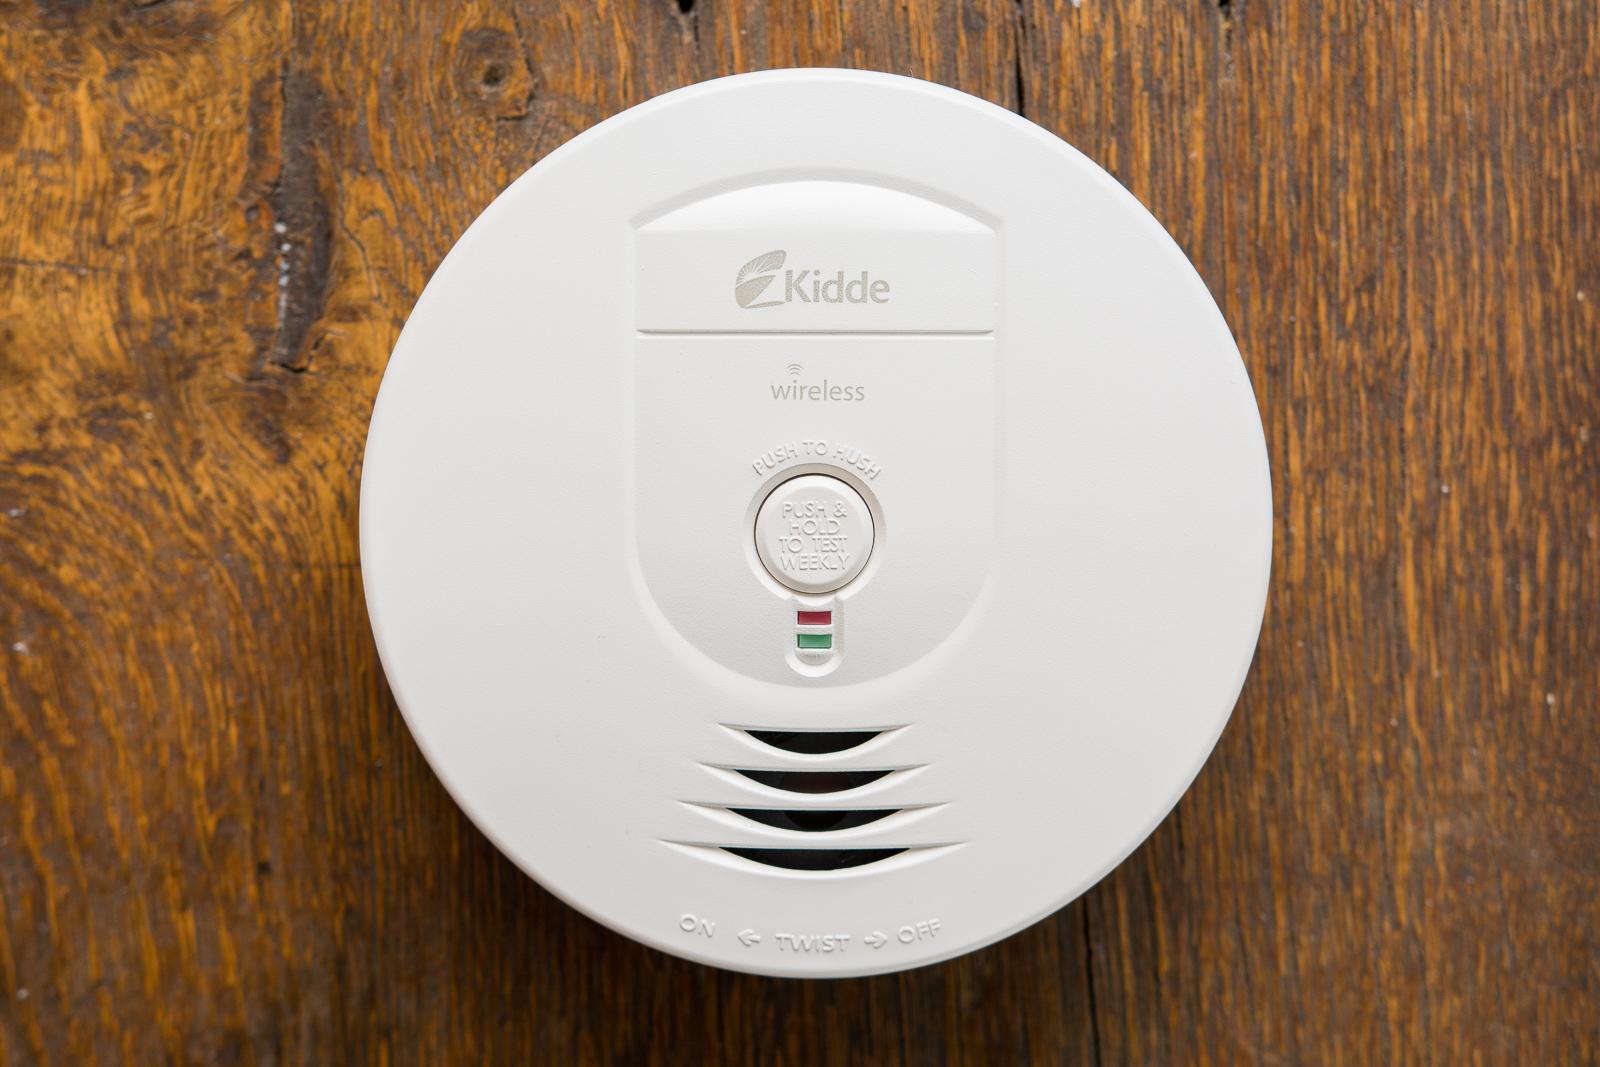 - 06 basic smoke alarm 1600 - The best basic smoke alarm